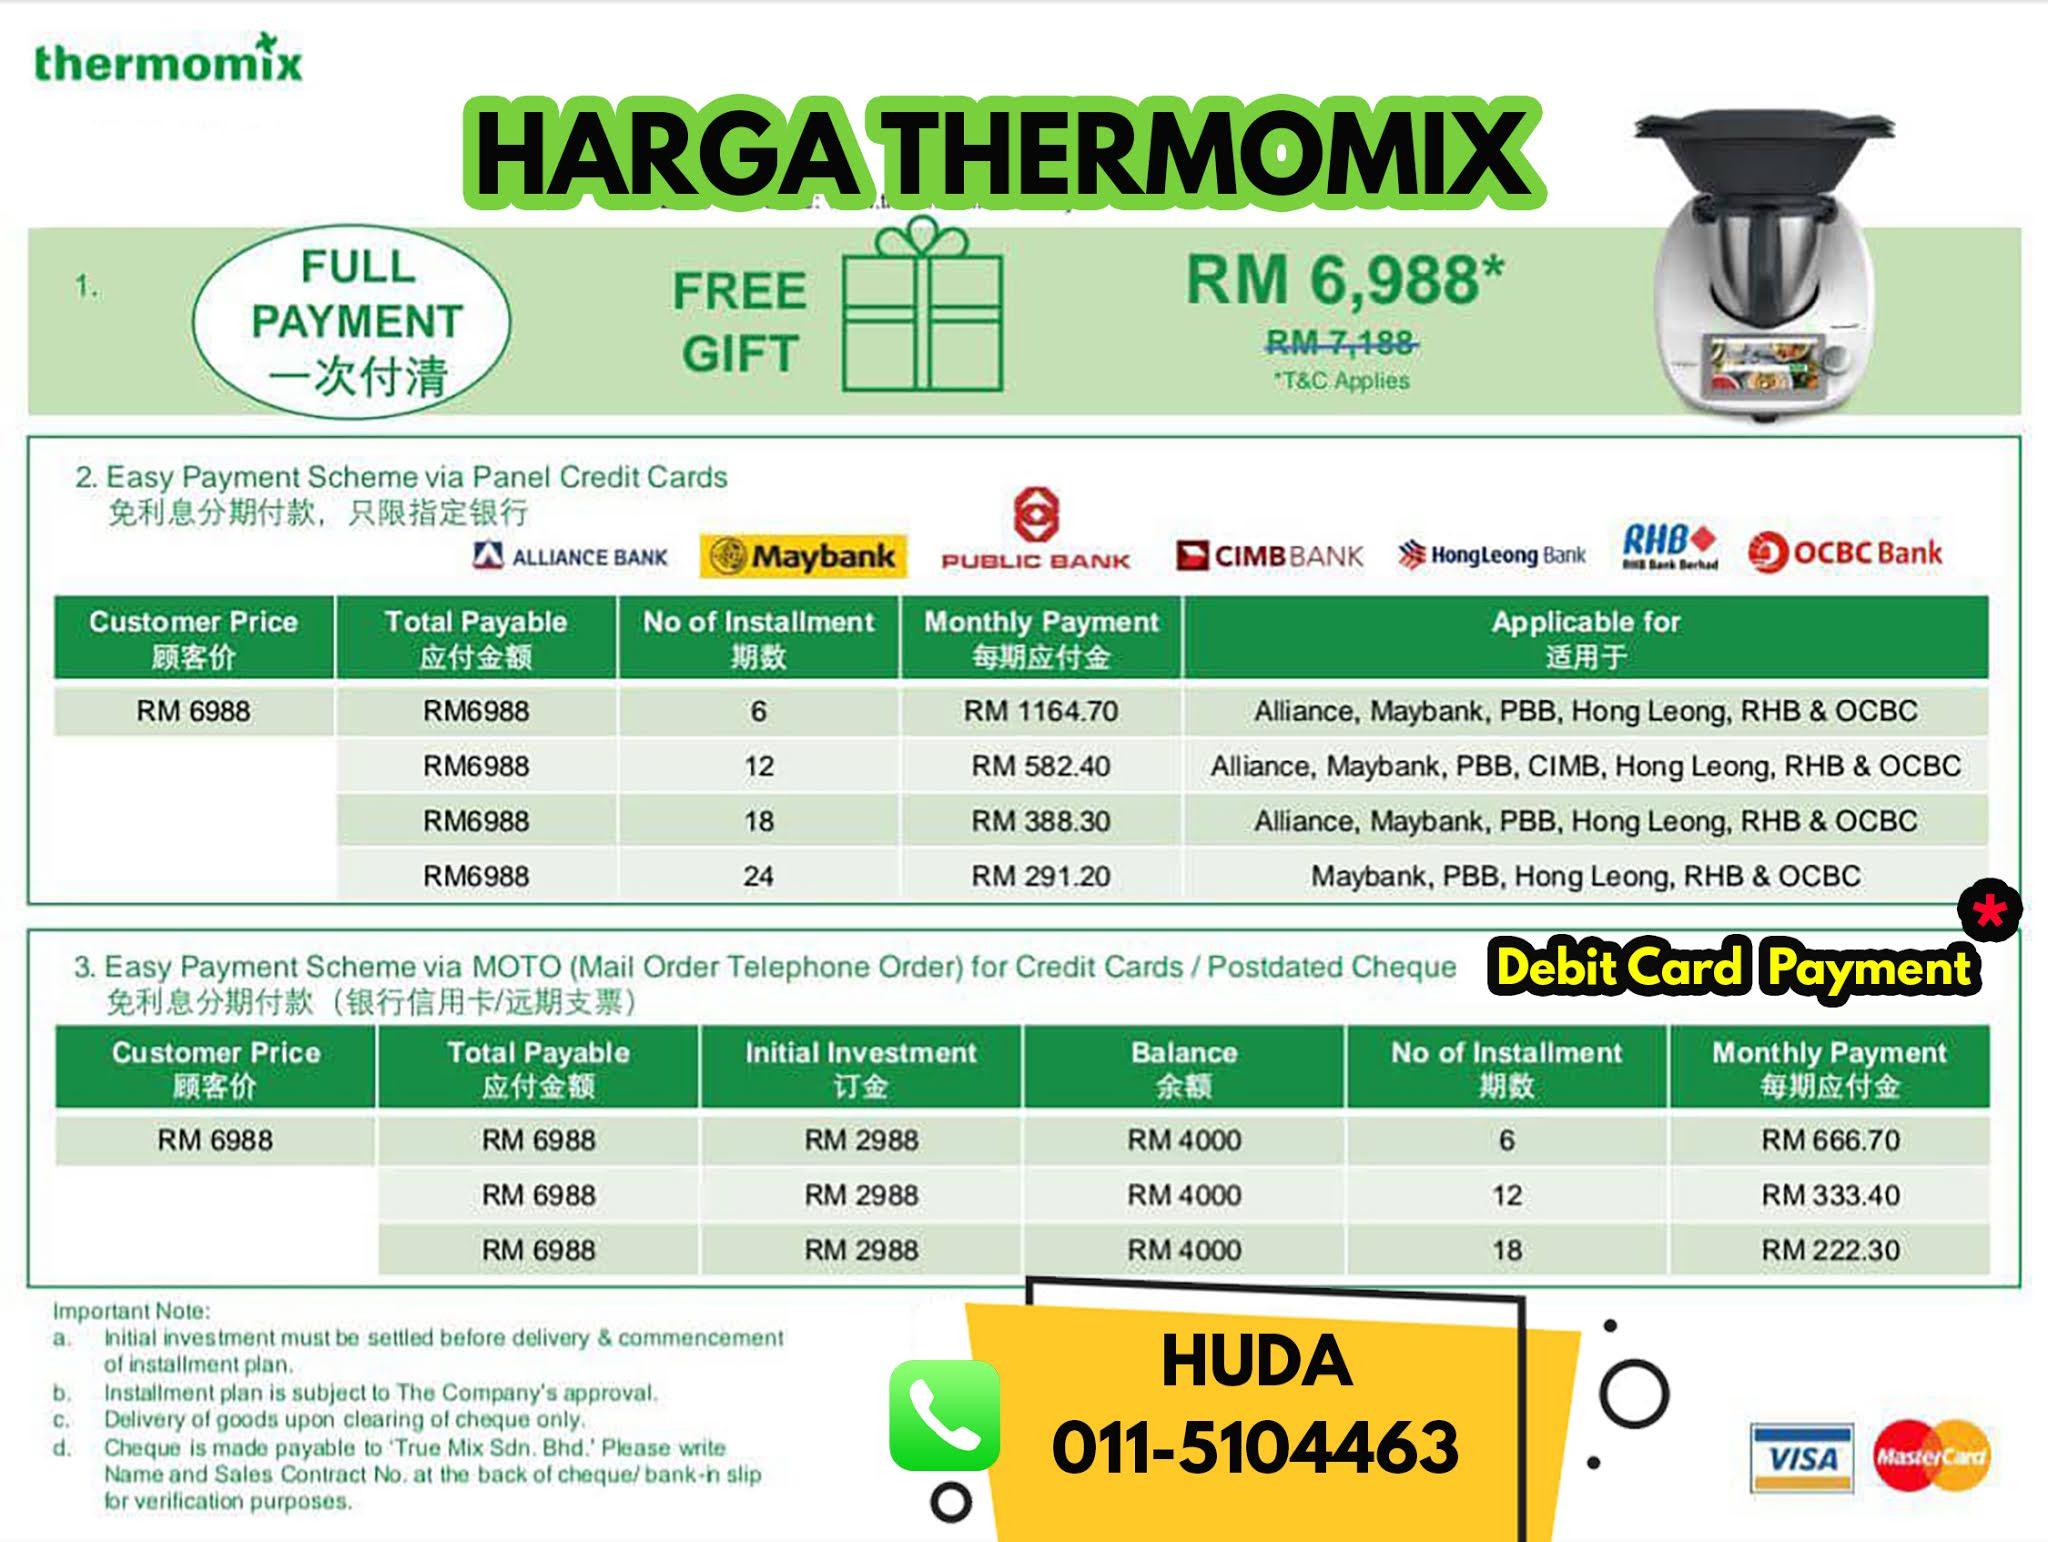 Cara Mudah Untuk Memiliki Thermomix TM20   Cerita Huda by Huda Halid